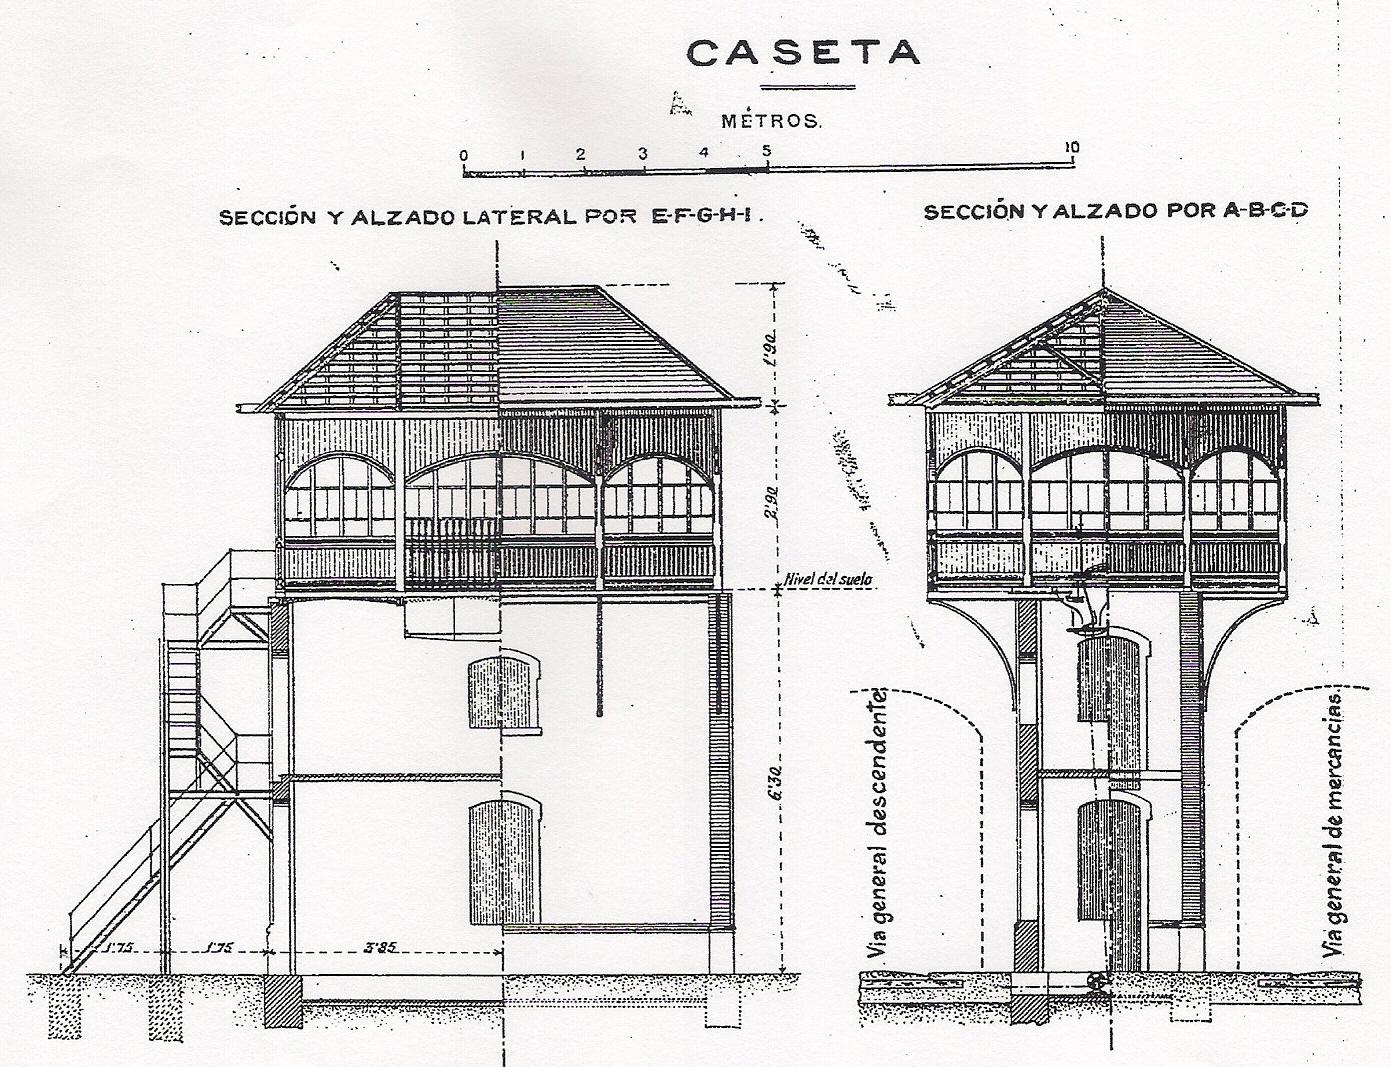 Pueblo Nuevo MZA caseta de señales- Revista de Obras Publicas año 1907